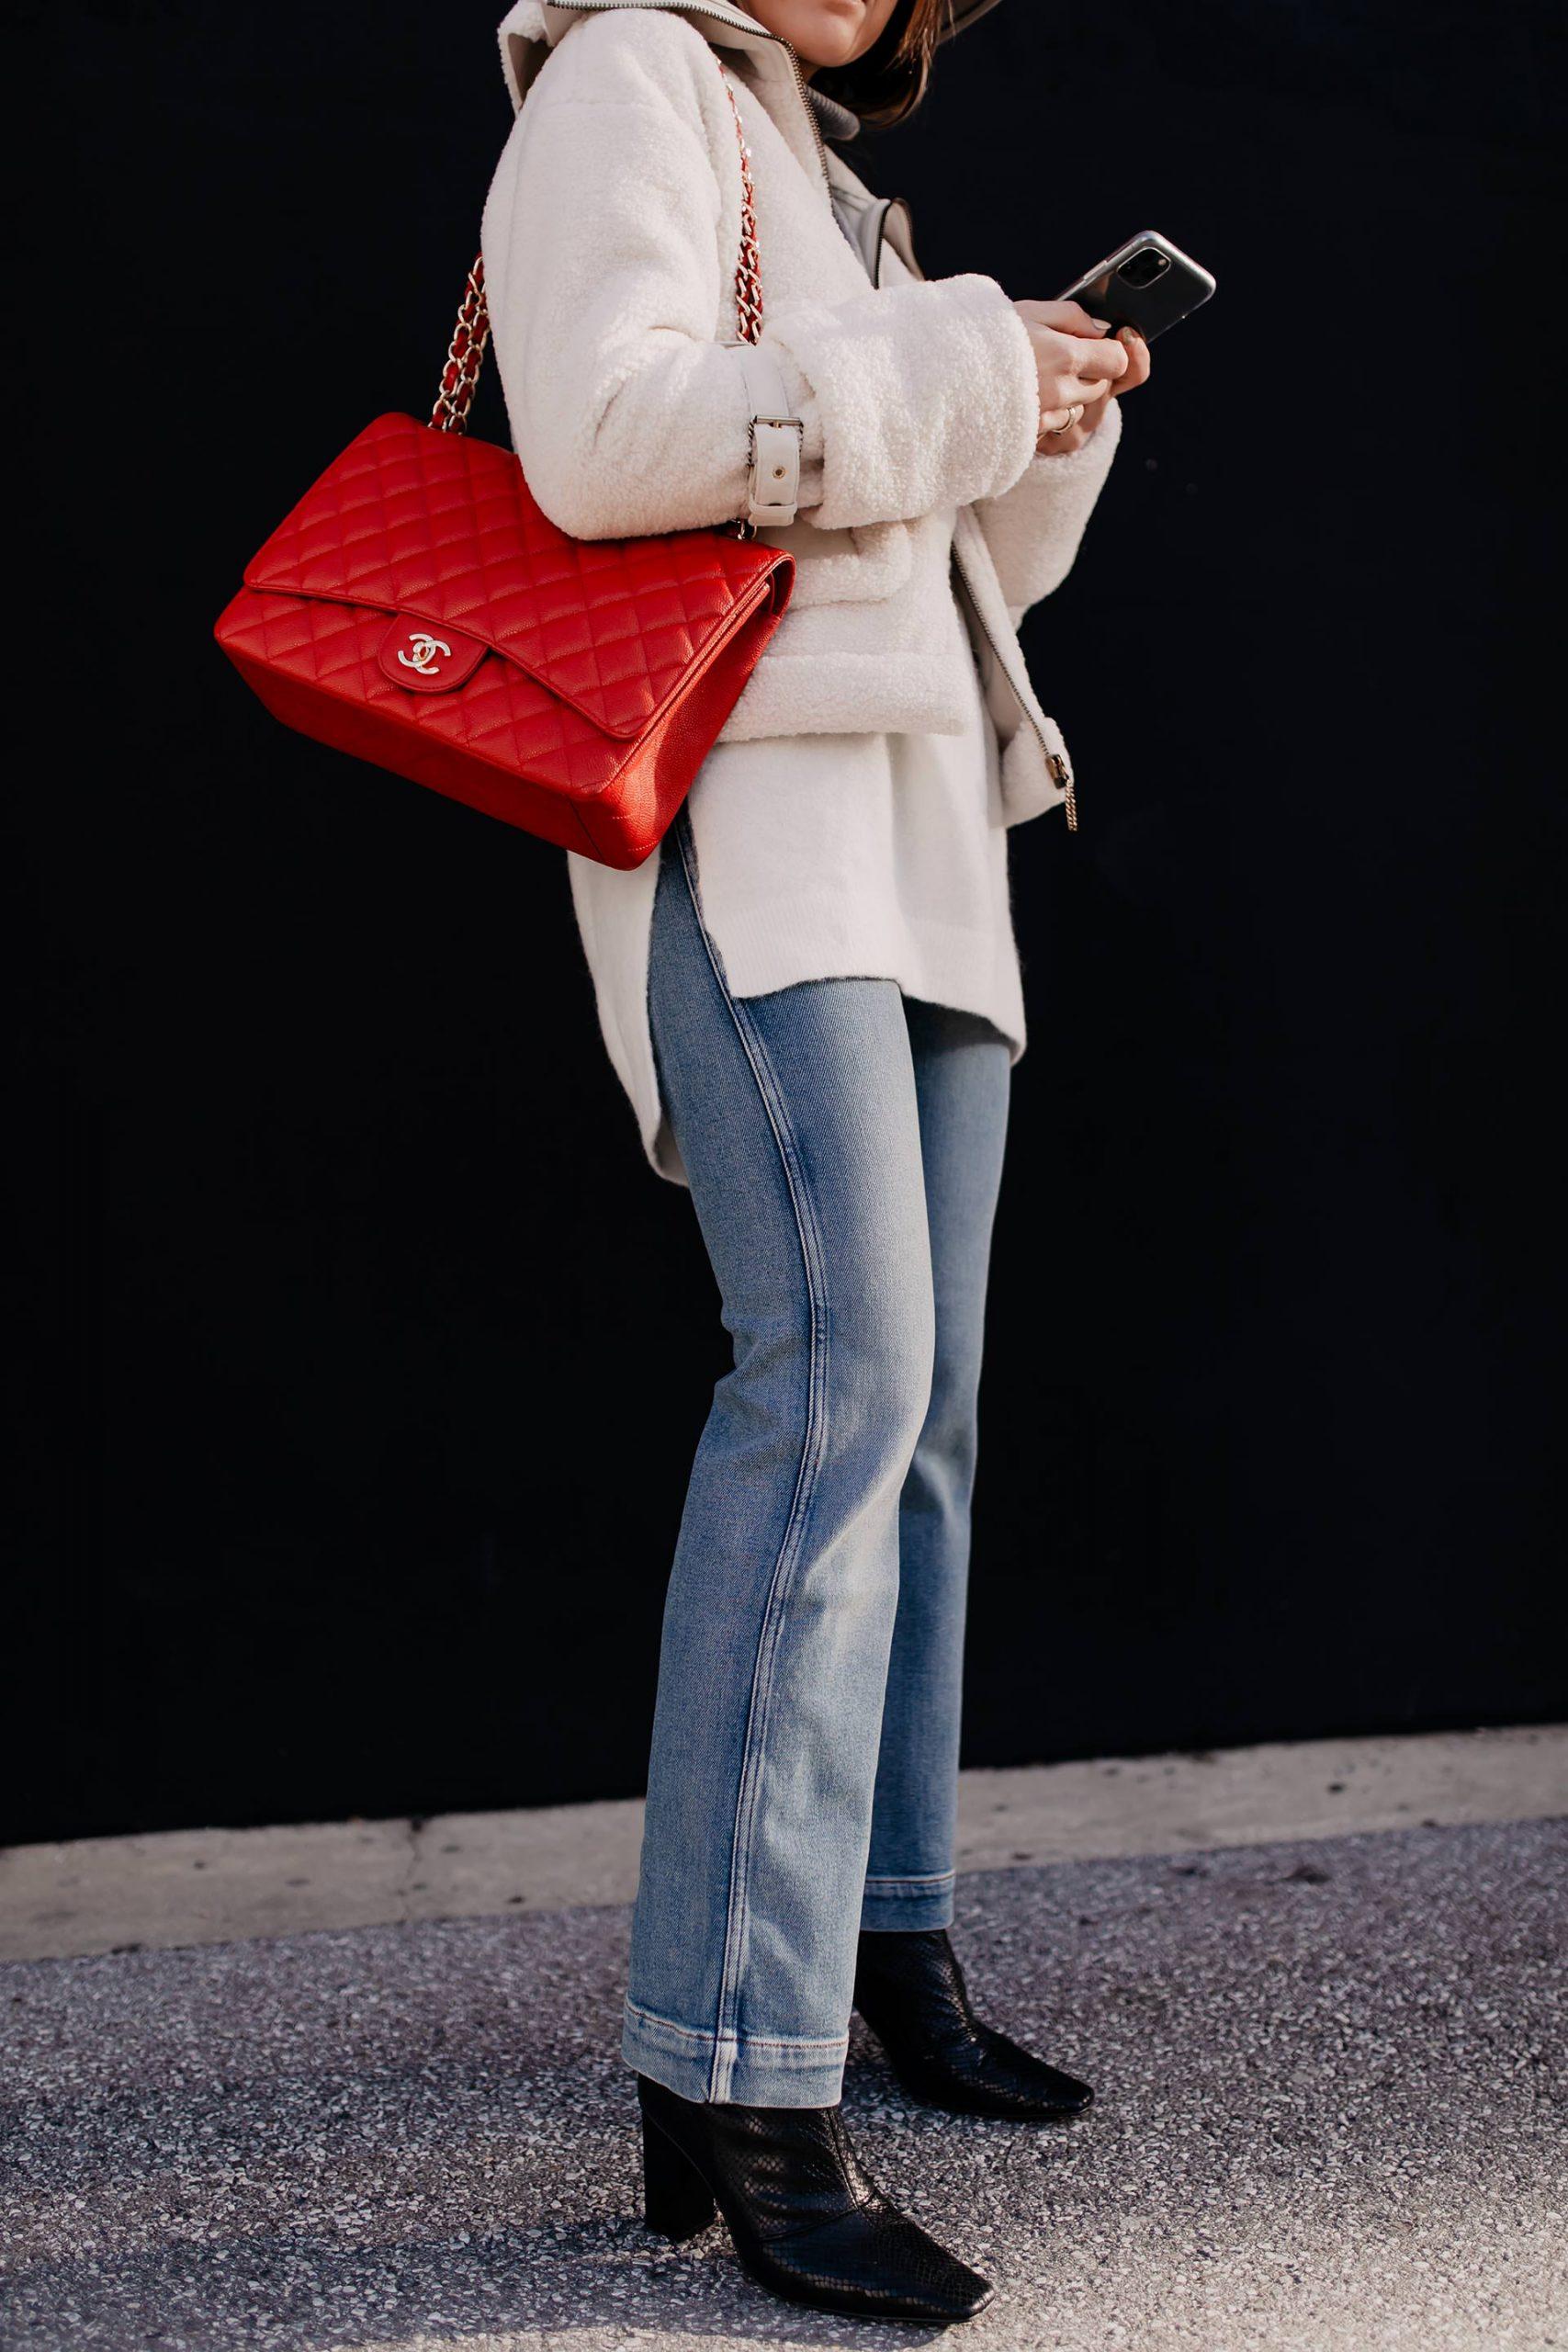 Auf dem Modeblog verrate ich dir heute, wie gut man eine Kick Flare Jeans kombinieren kann. Ich liefere dir 3 gute Gründe, warum die Jeans ein echter Allrounder ist. Außerdem auch 3 Styling-Tipps für jeden Tag. www.whoismocca.com #kickflare #winteroutfit #modetrends #jeans